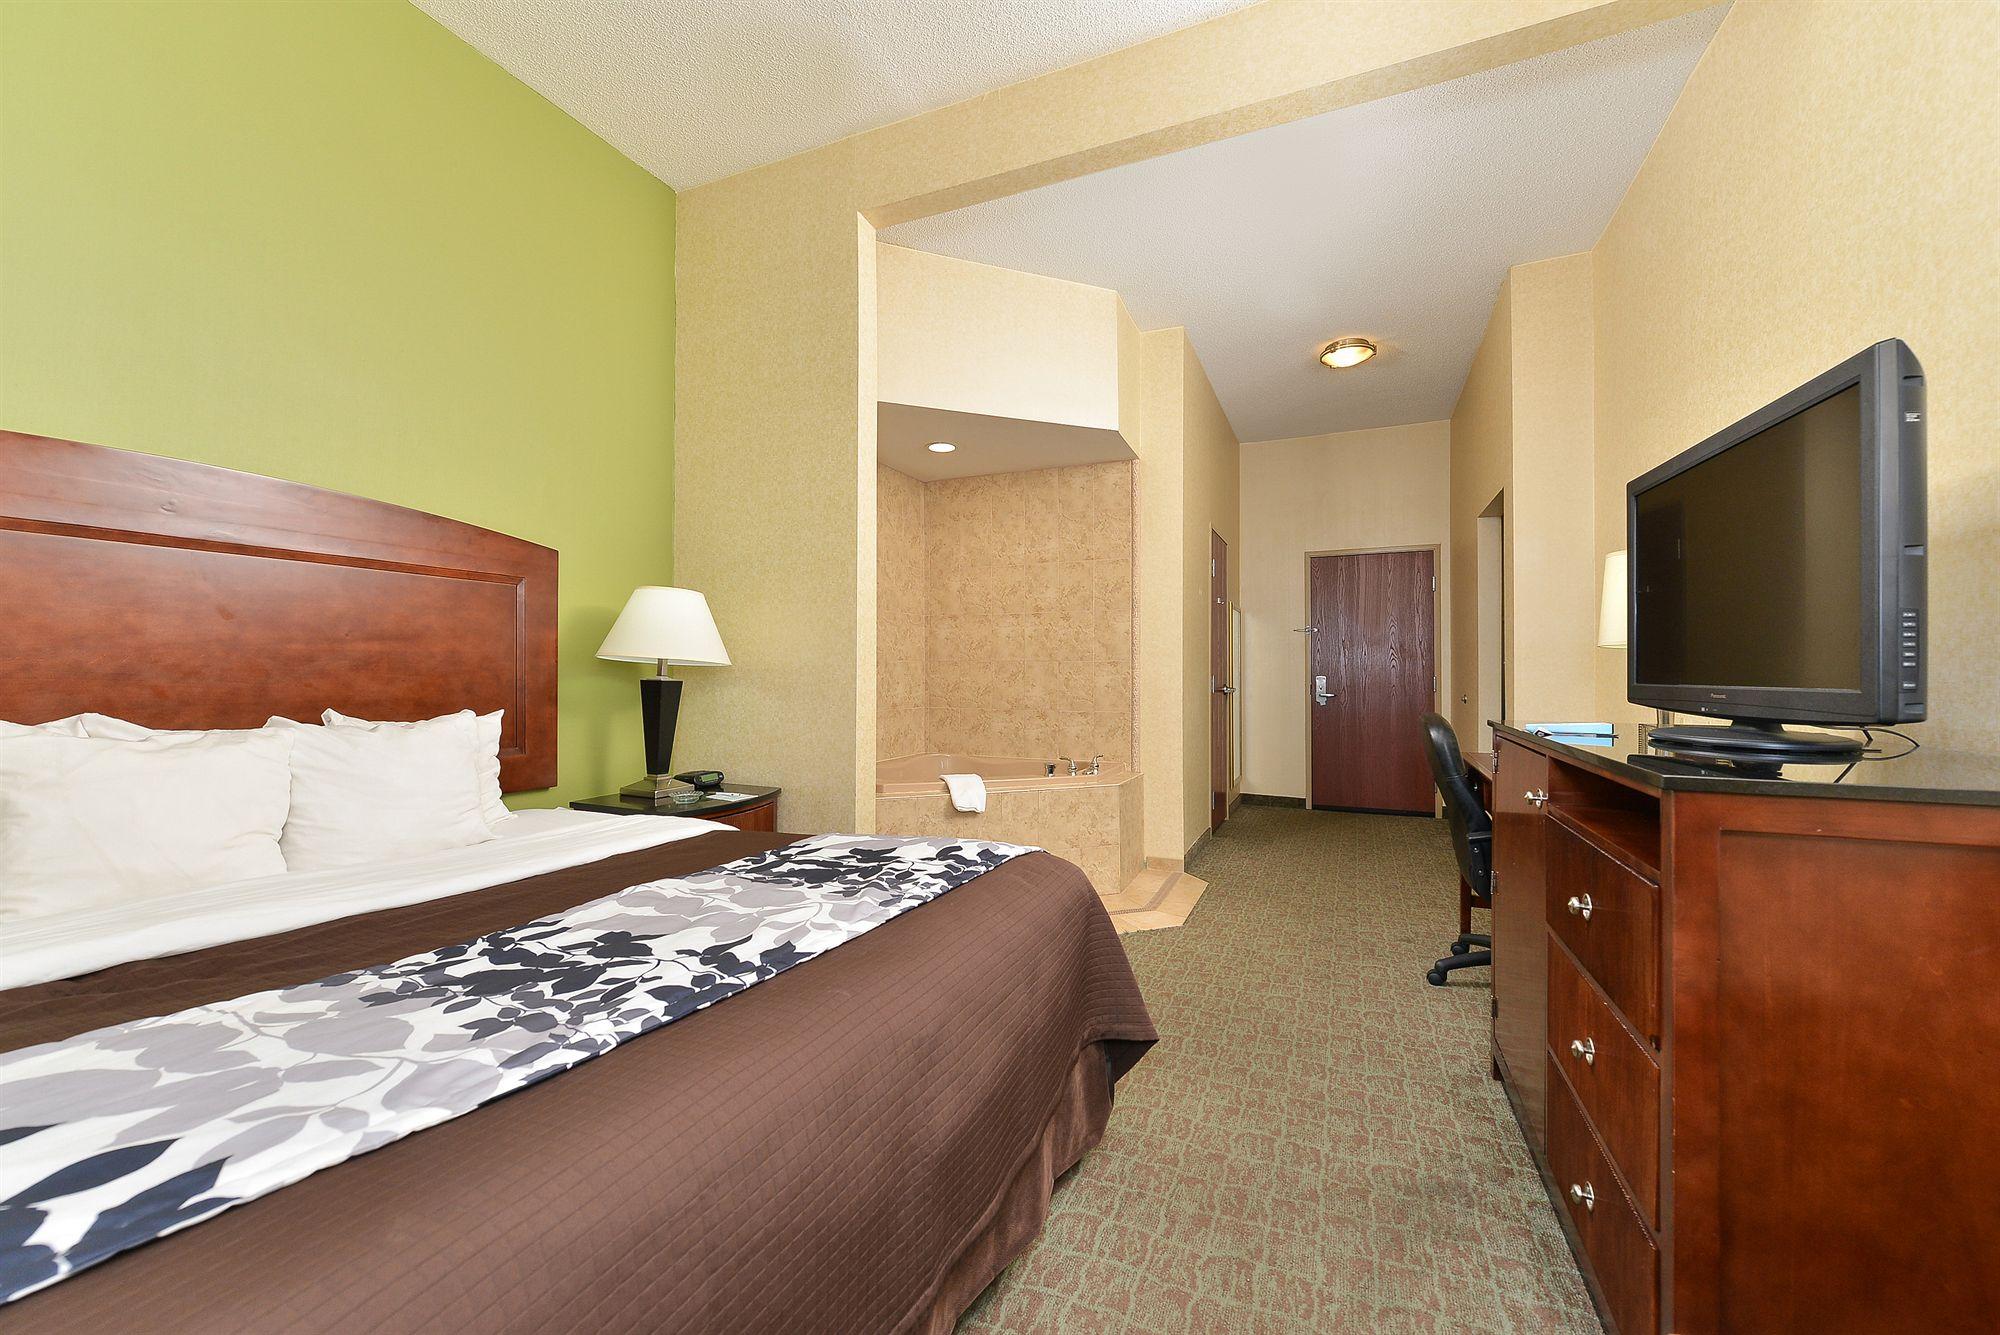 Sleep Inn & Suites Upper Marlboro near Andrews AFB